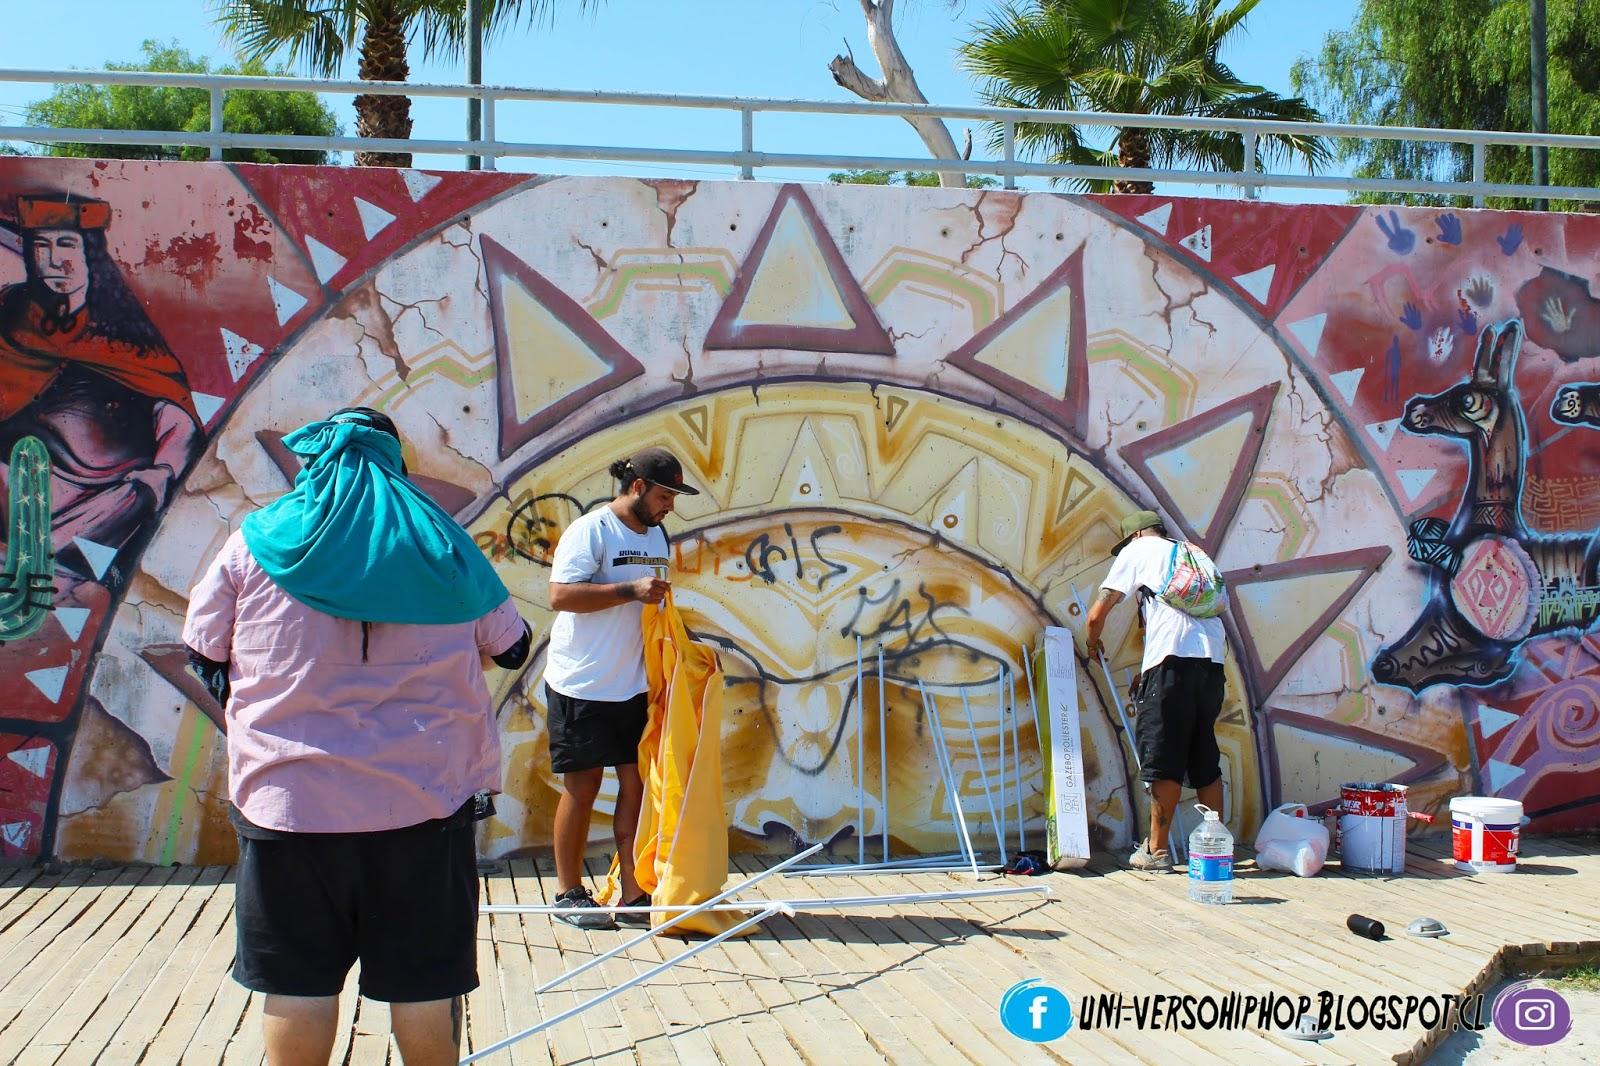 ... chilenos que representan en carne viva el graffity o muralismo ec9031b7ceb